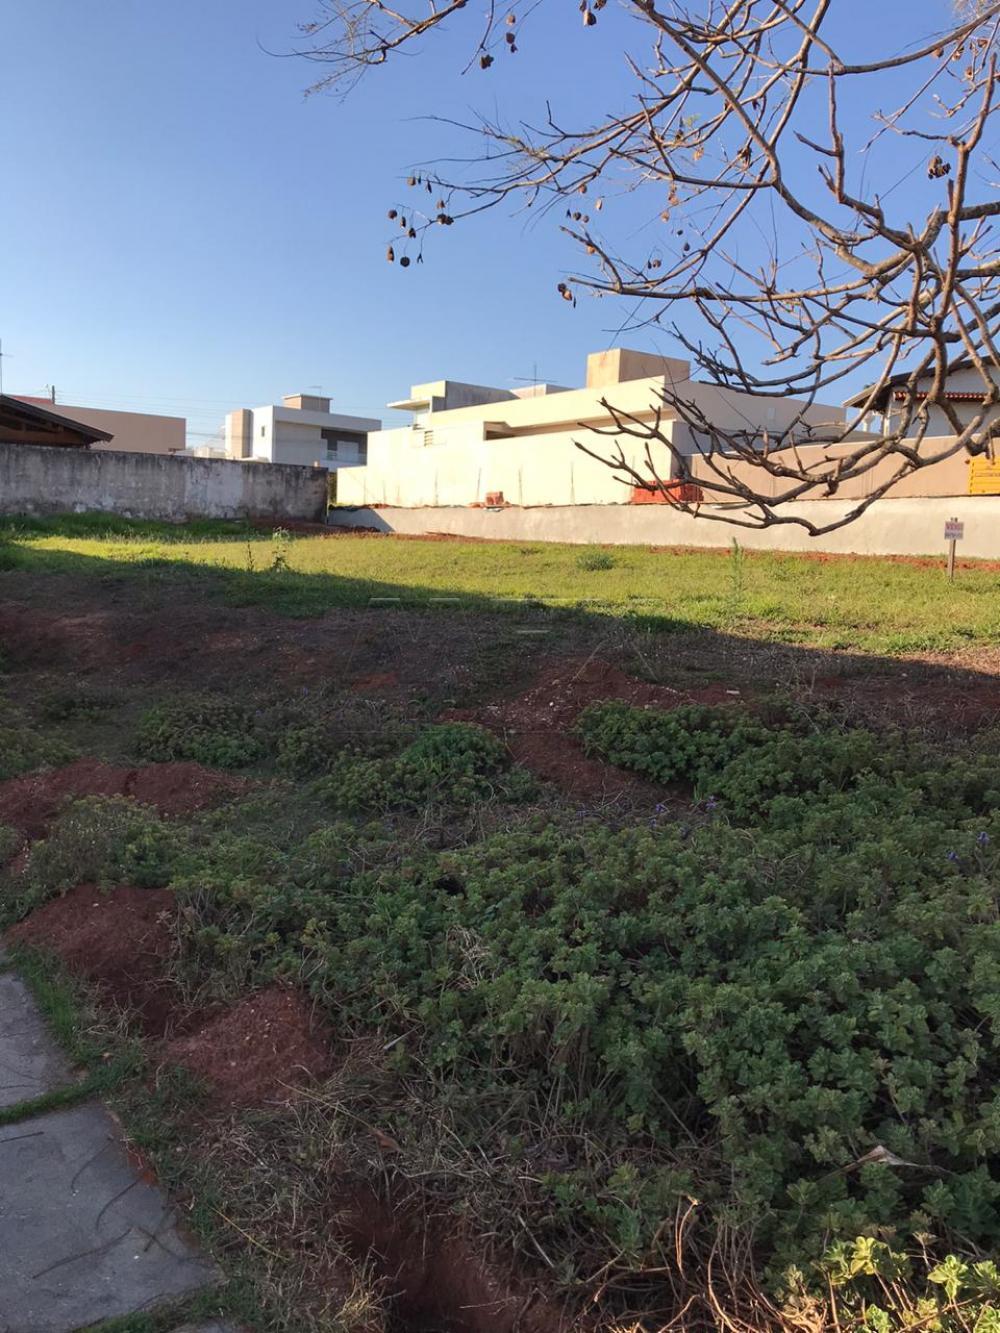 Comprar Terreno / Condomínio em Bauru apenas R$ 190.000,00 - Foto 1